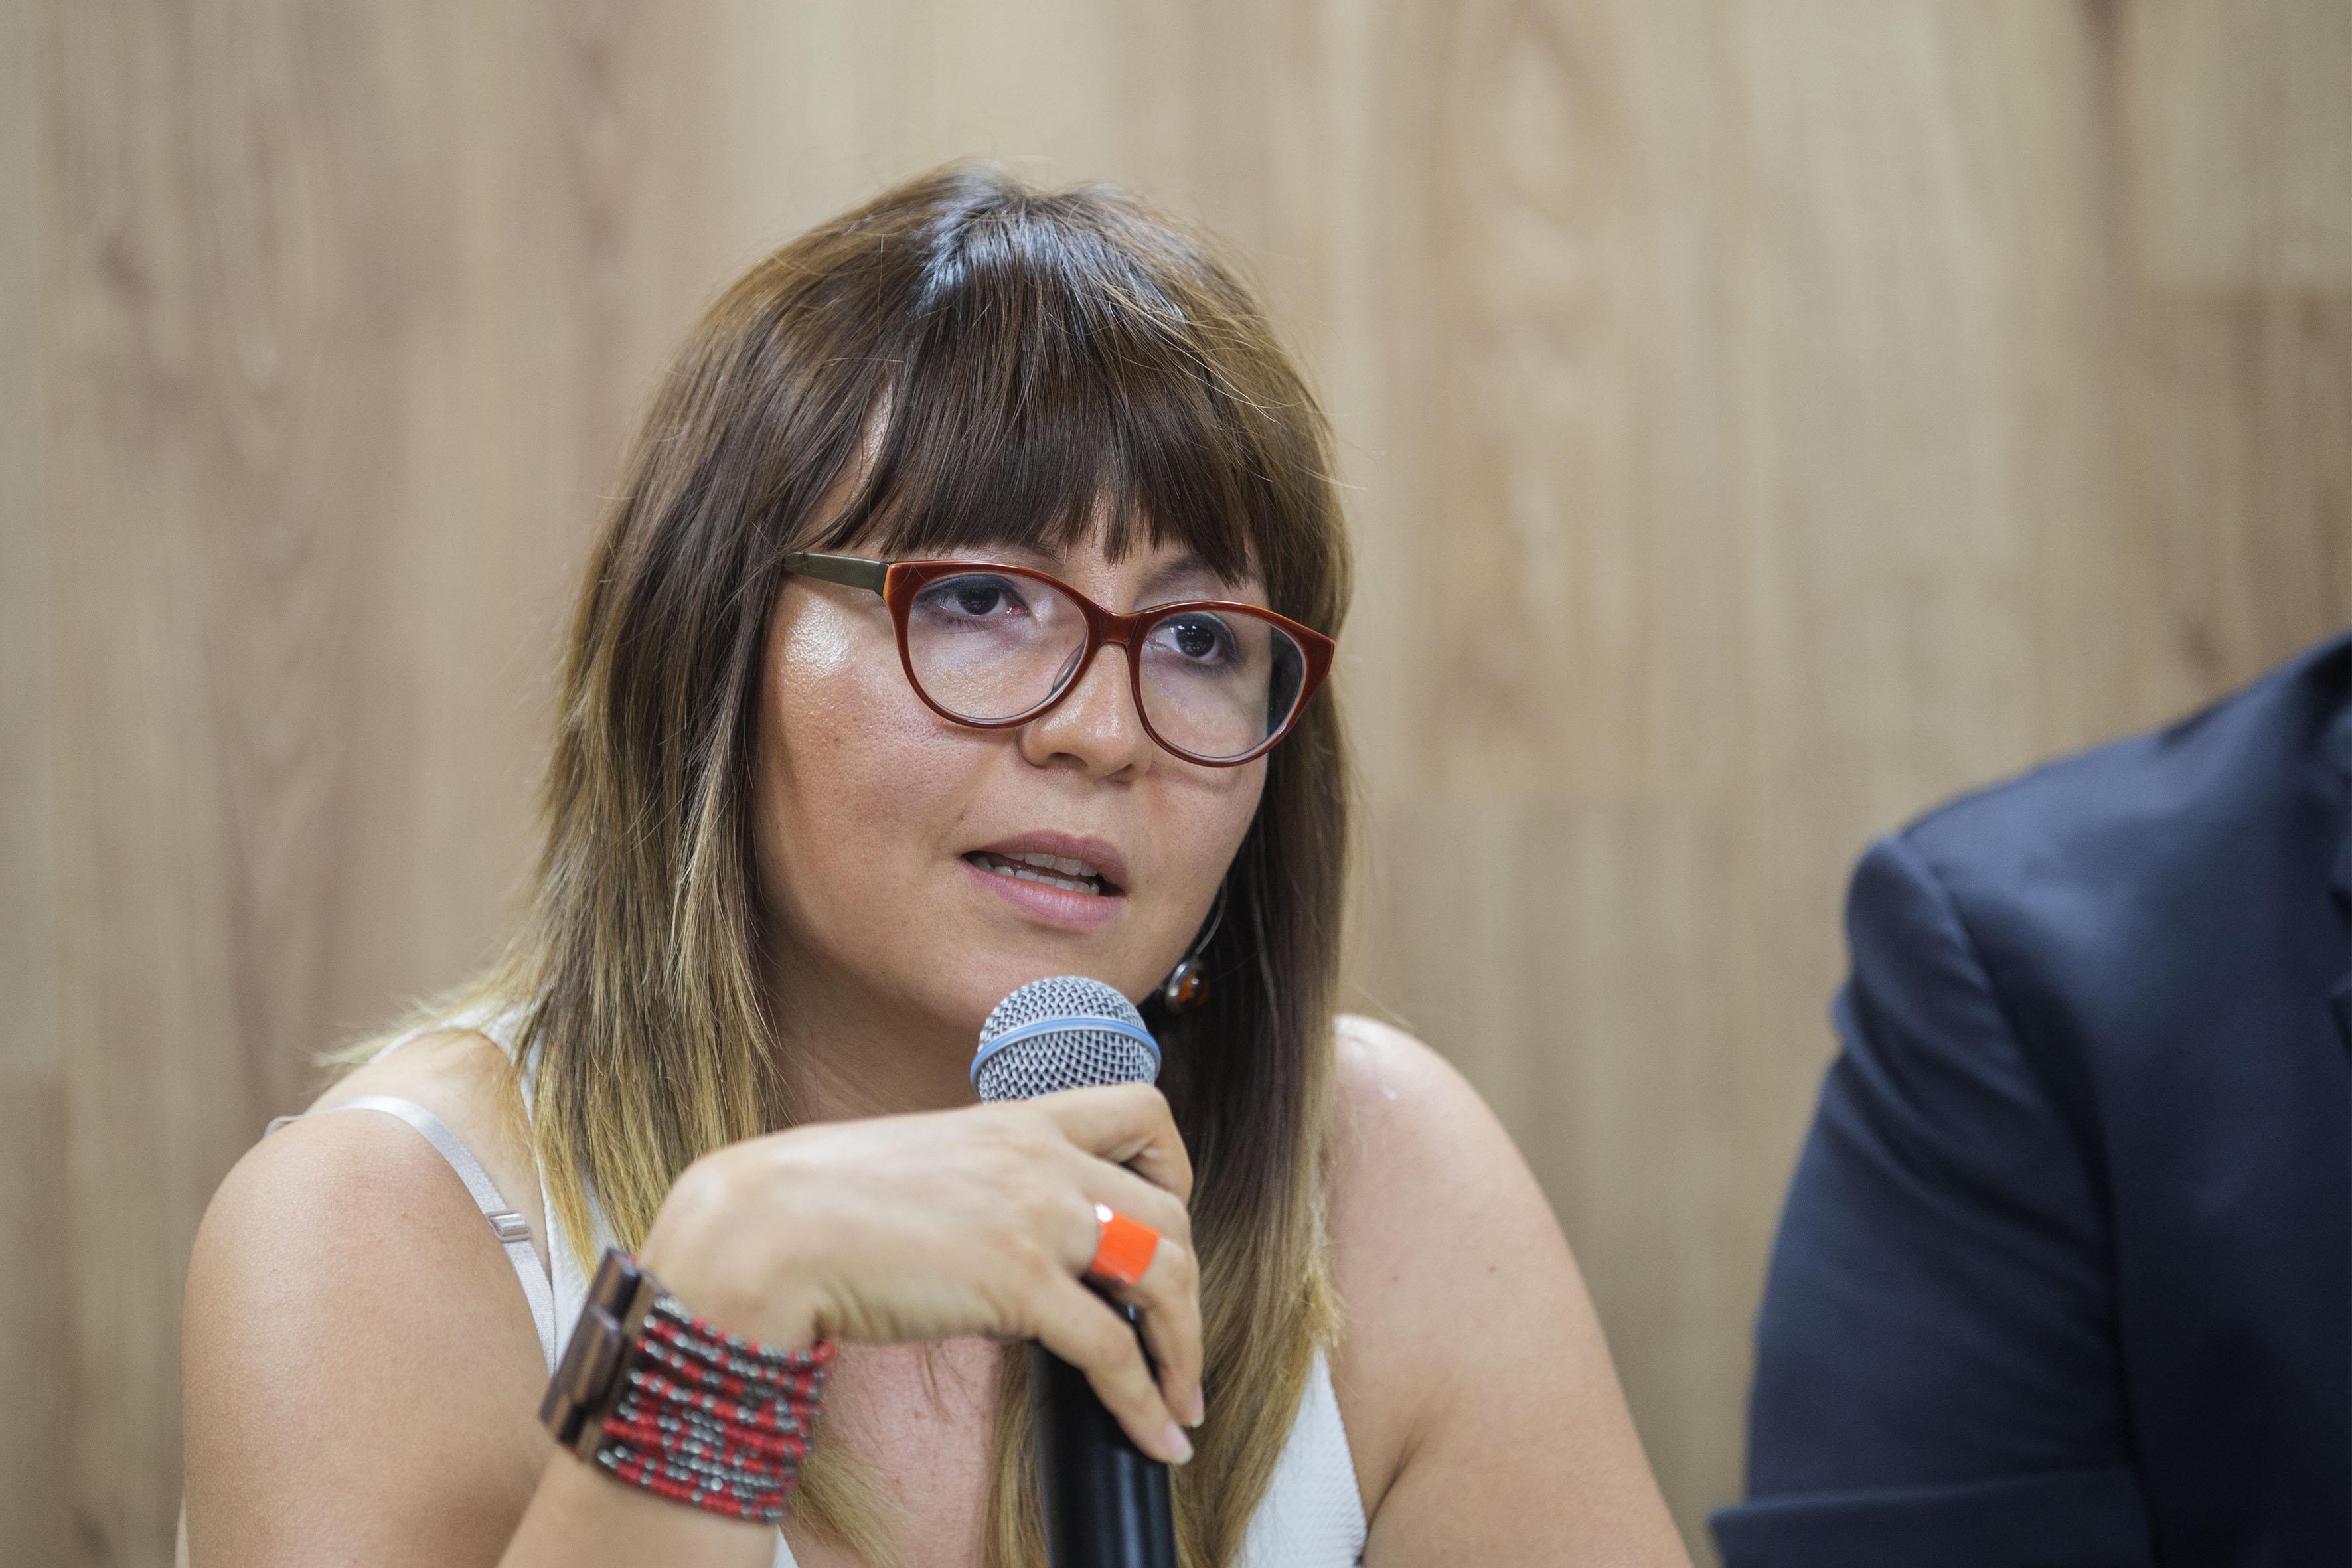 Académica de la Universidad de Guadalajara, Mónica Montaño Reyes, participando en rueda de prensa.